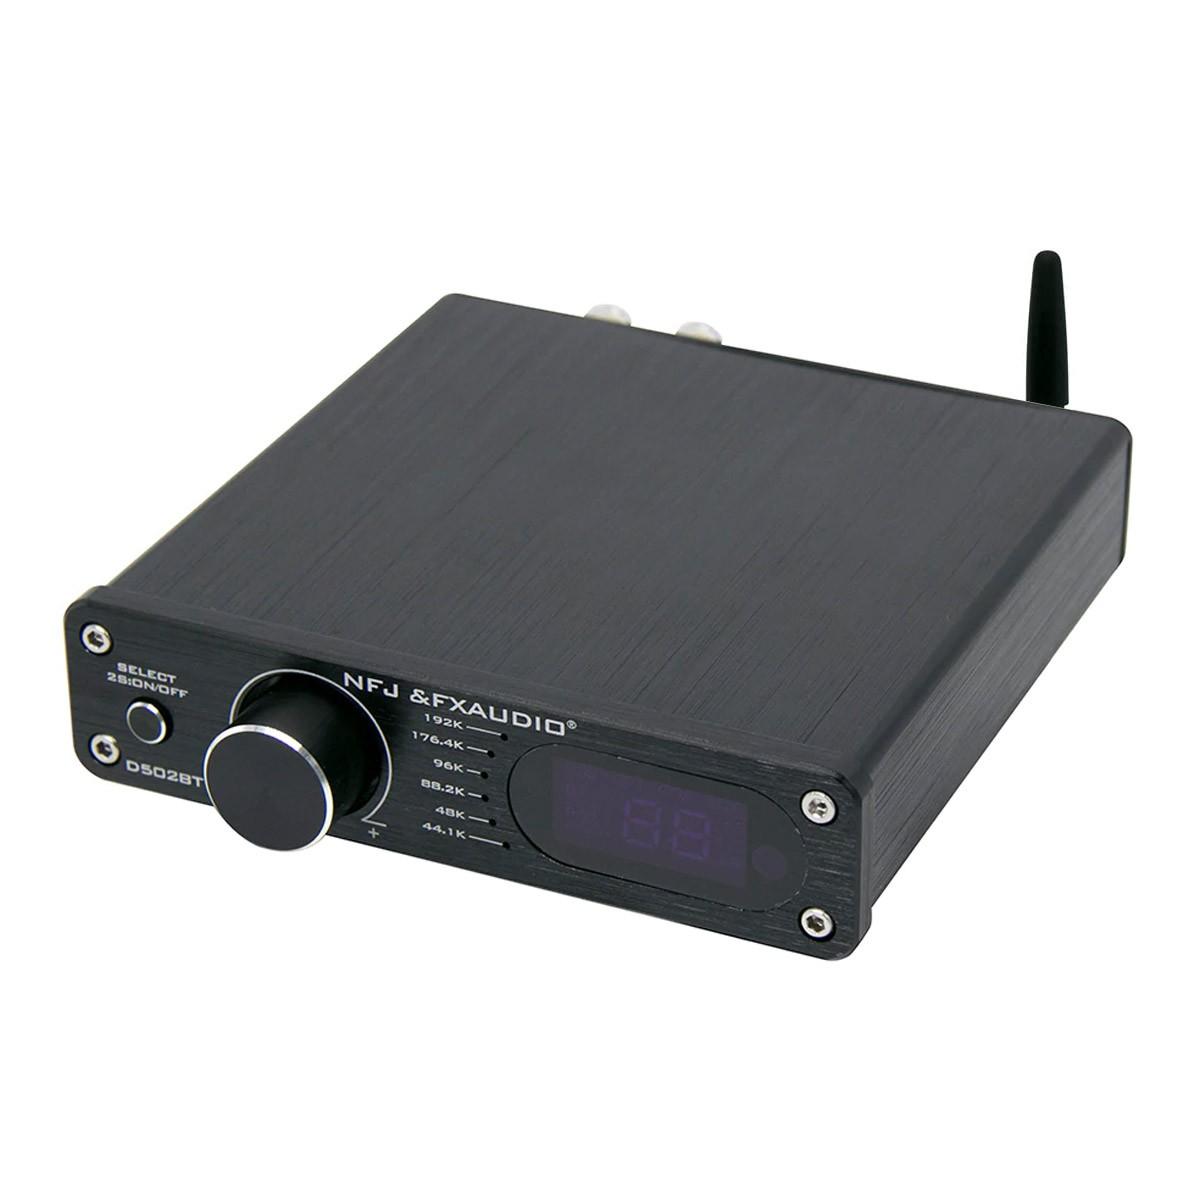 FX-AUDIO D502BT Amplifier FDA TAS5342A Subwoofer Output Bluetooth 5.0 2x60W 4 Ohm Black